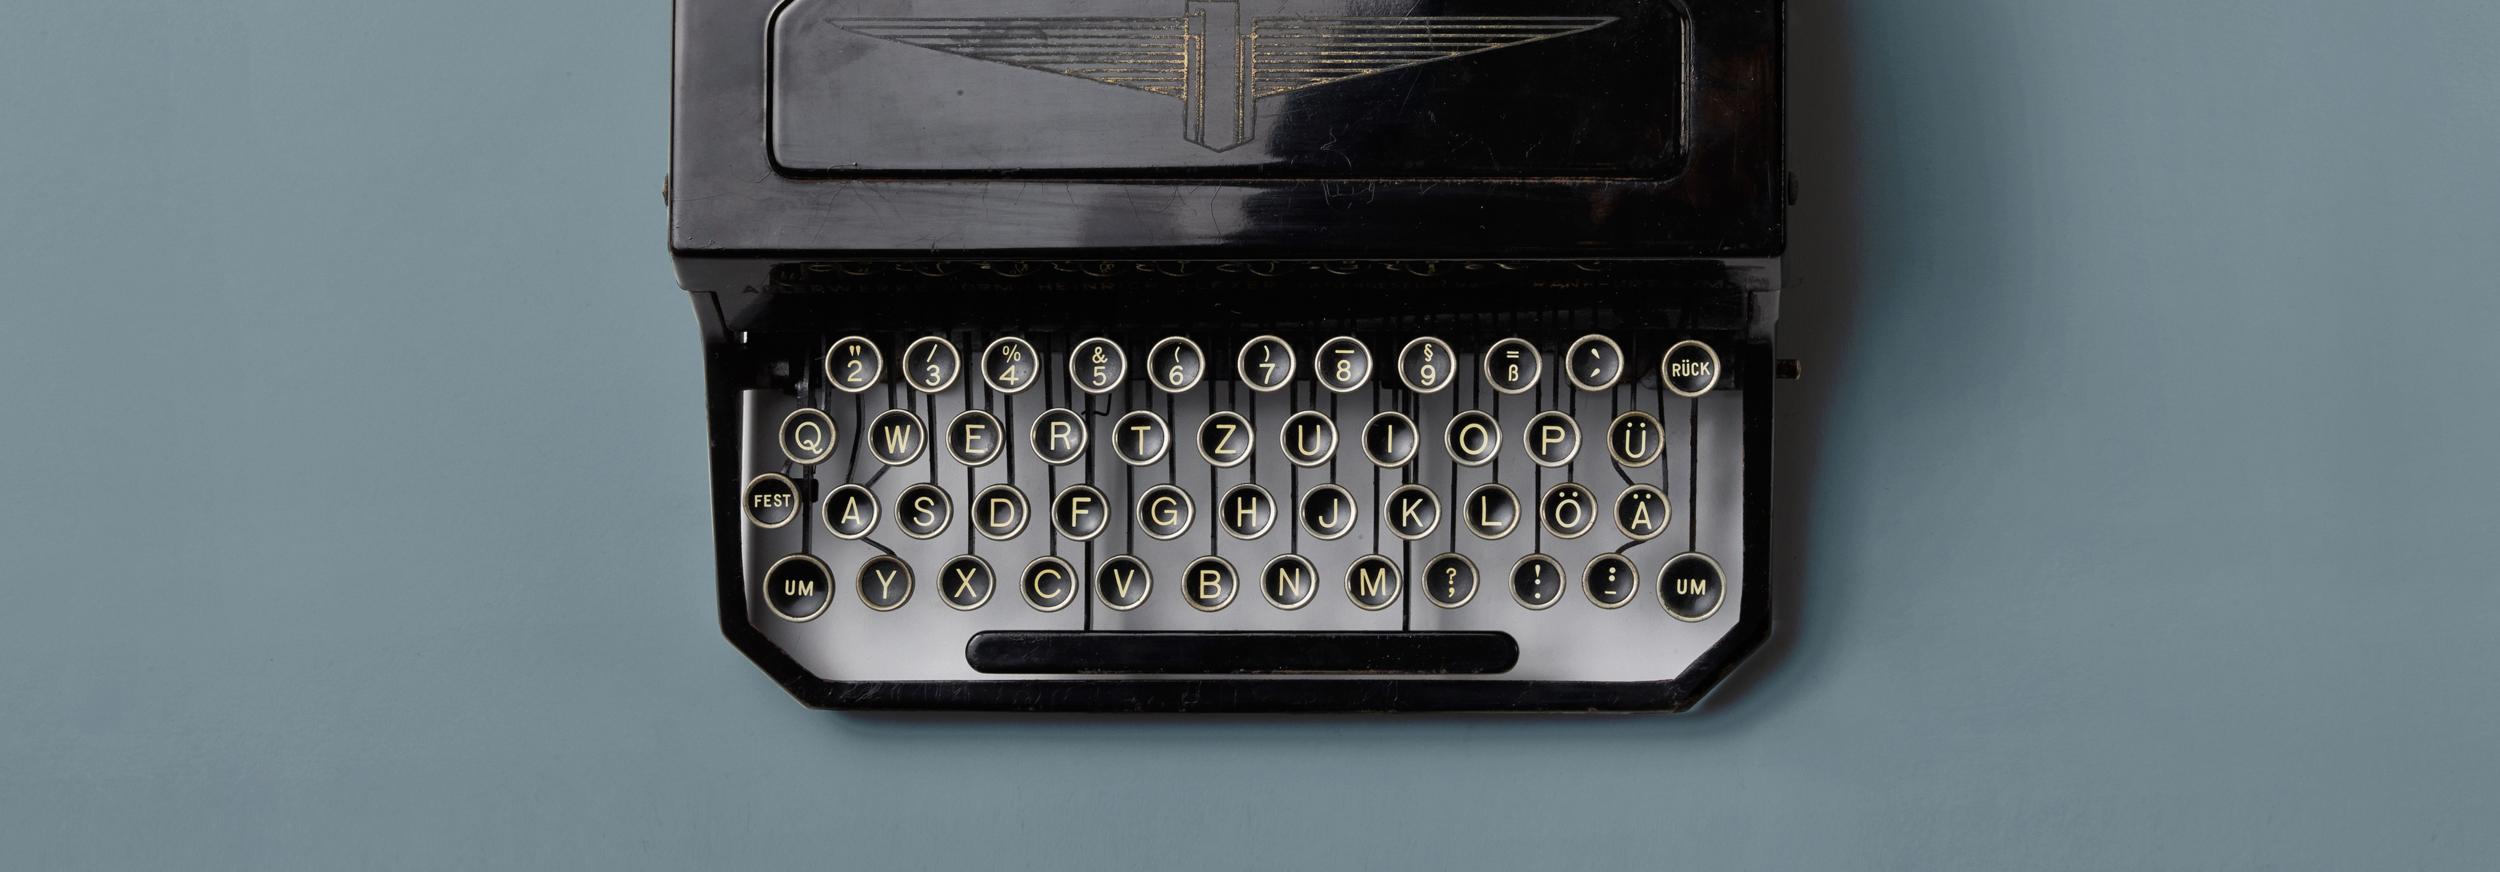 typewriter-header.png